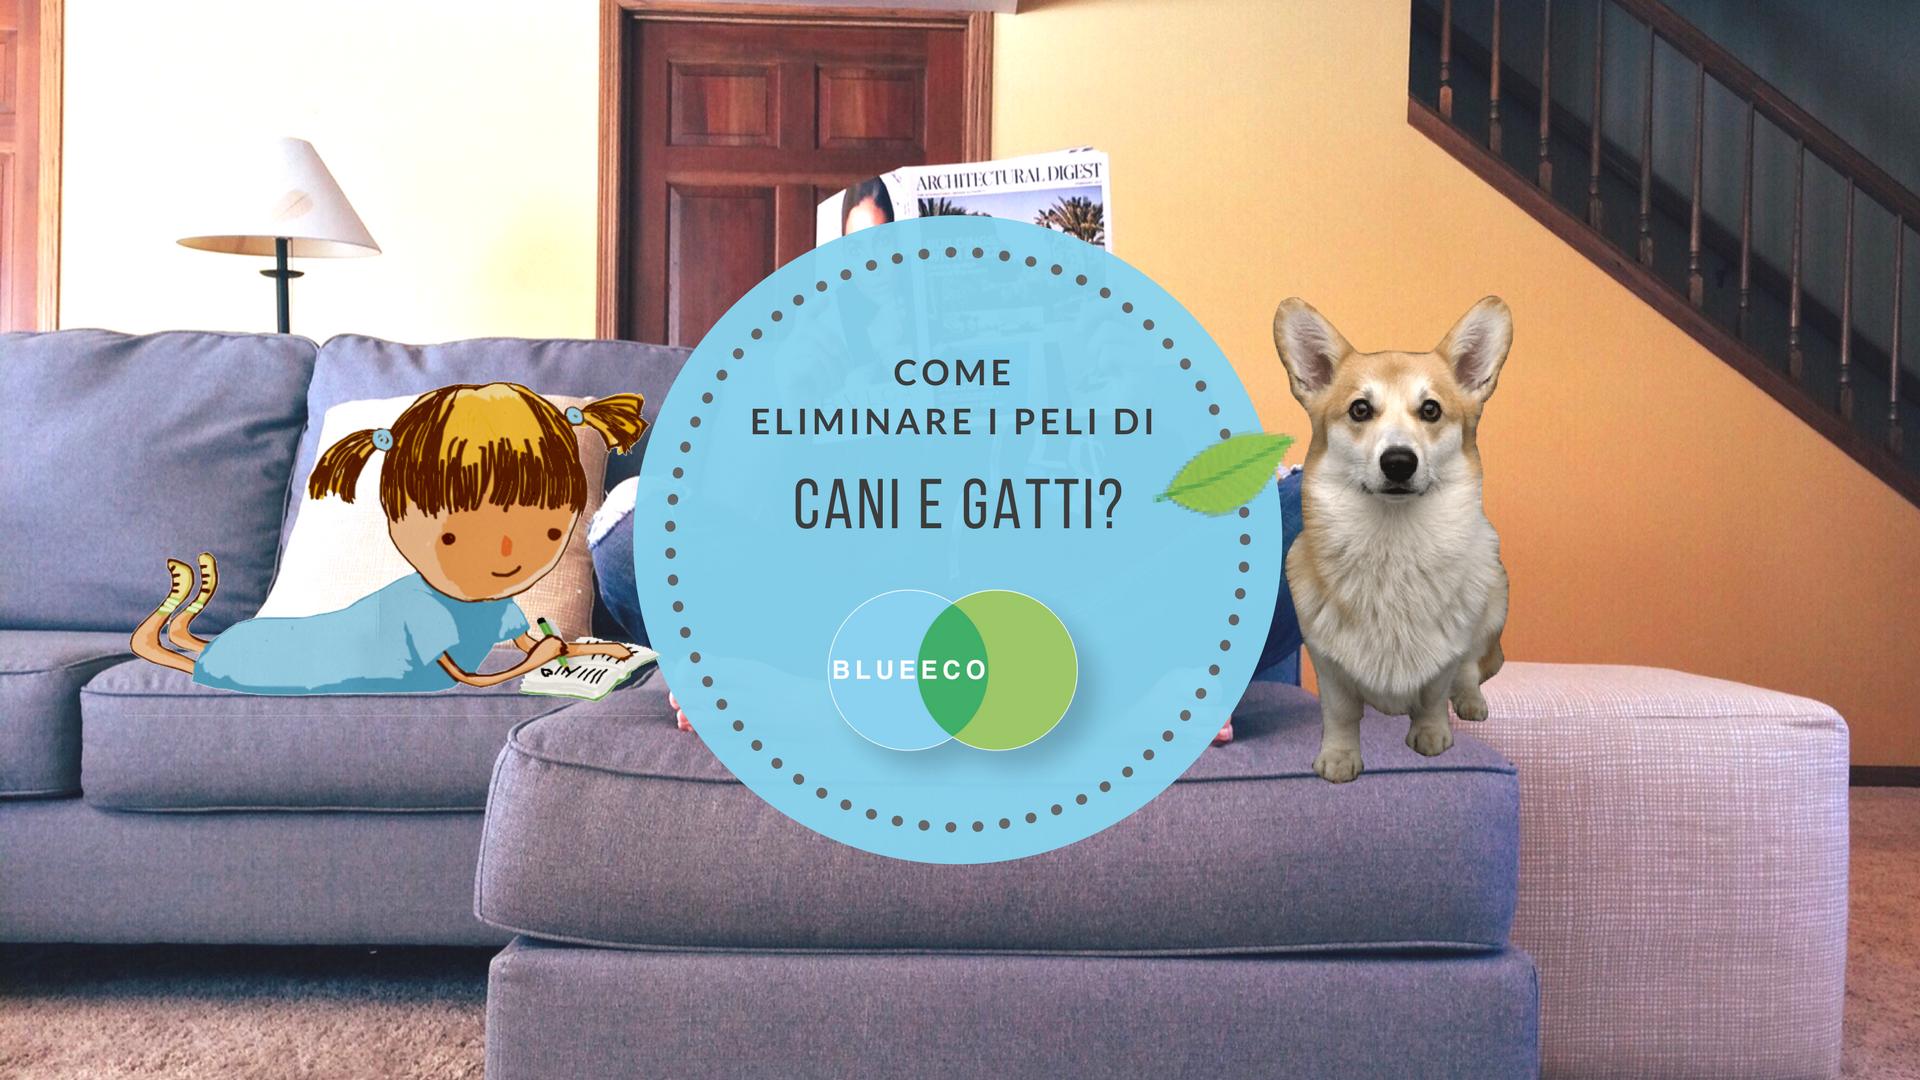 Gatti E Divani In Pelle.Come Rimuovere I Peli Di Cani E Gatti Da Pavimenti Tappeti E Divani